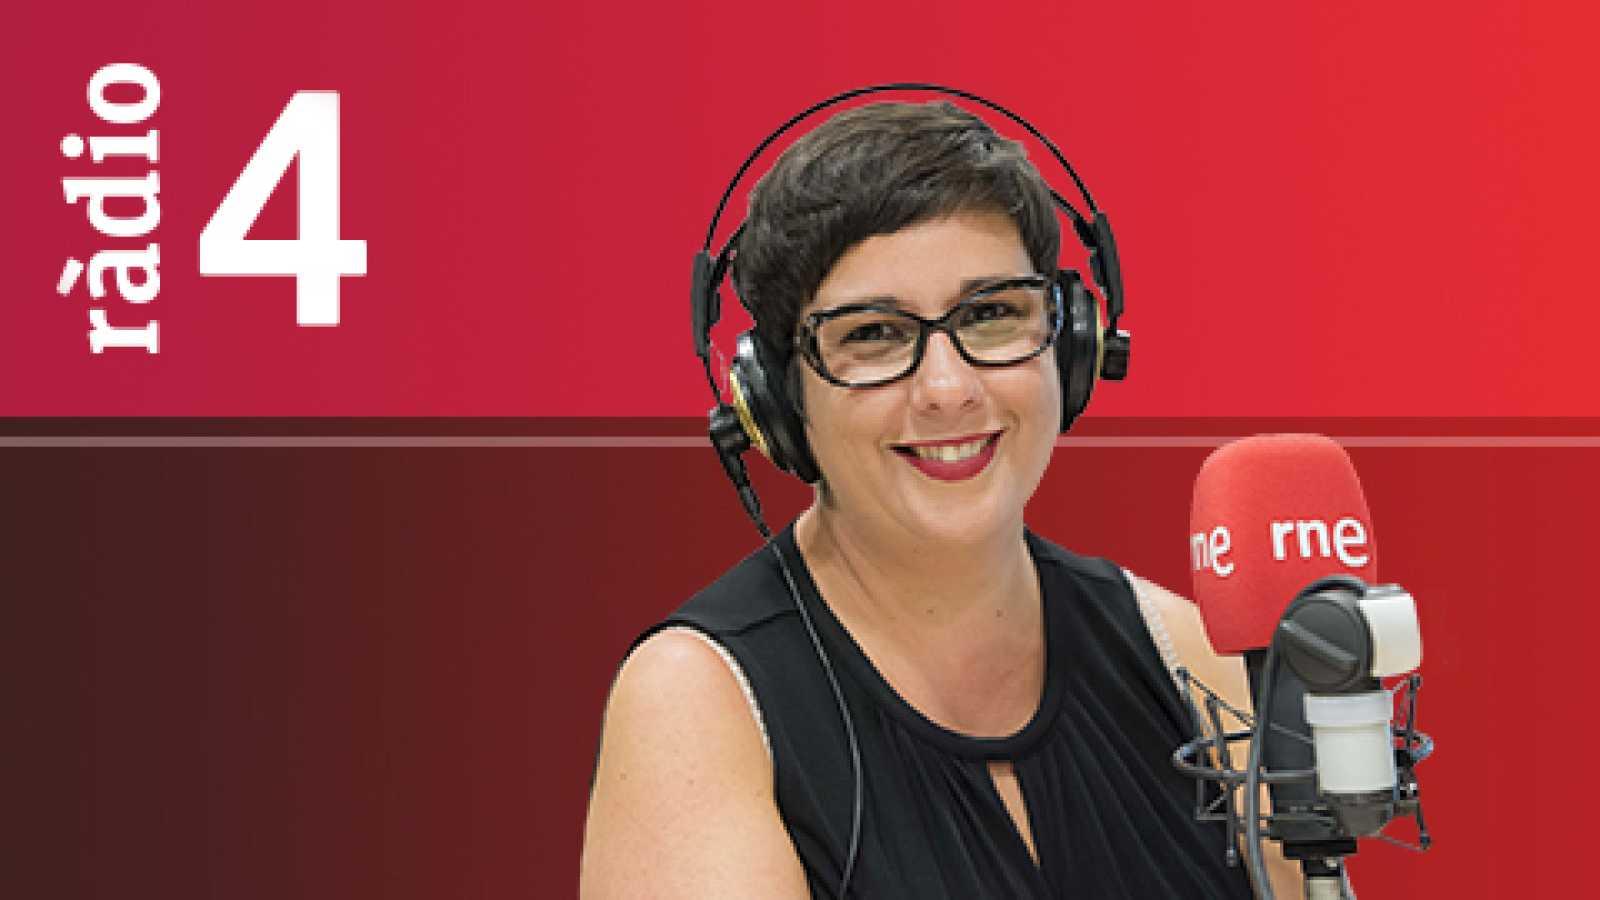 Realpolitik - Marc Margarit, Laura Sanchez, Maria Mazariego, Iñigo Palomar